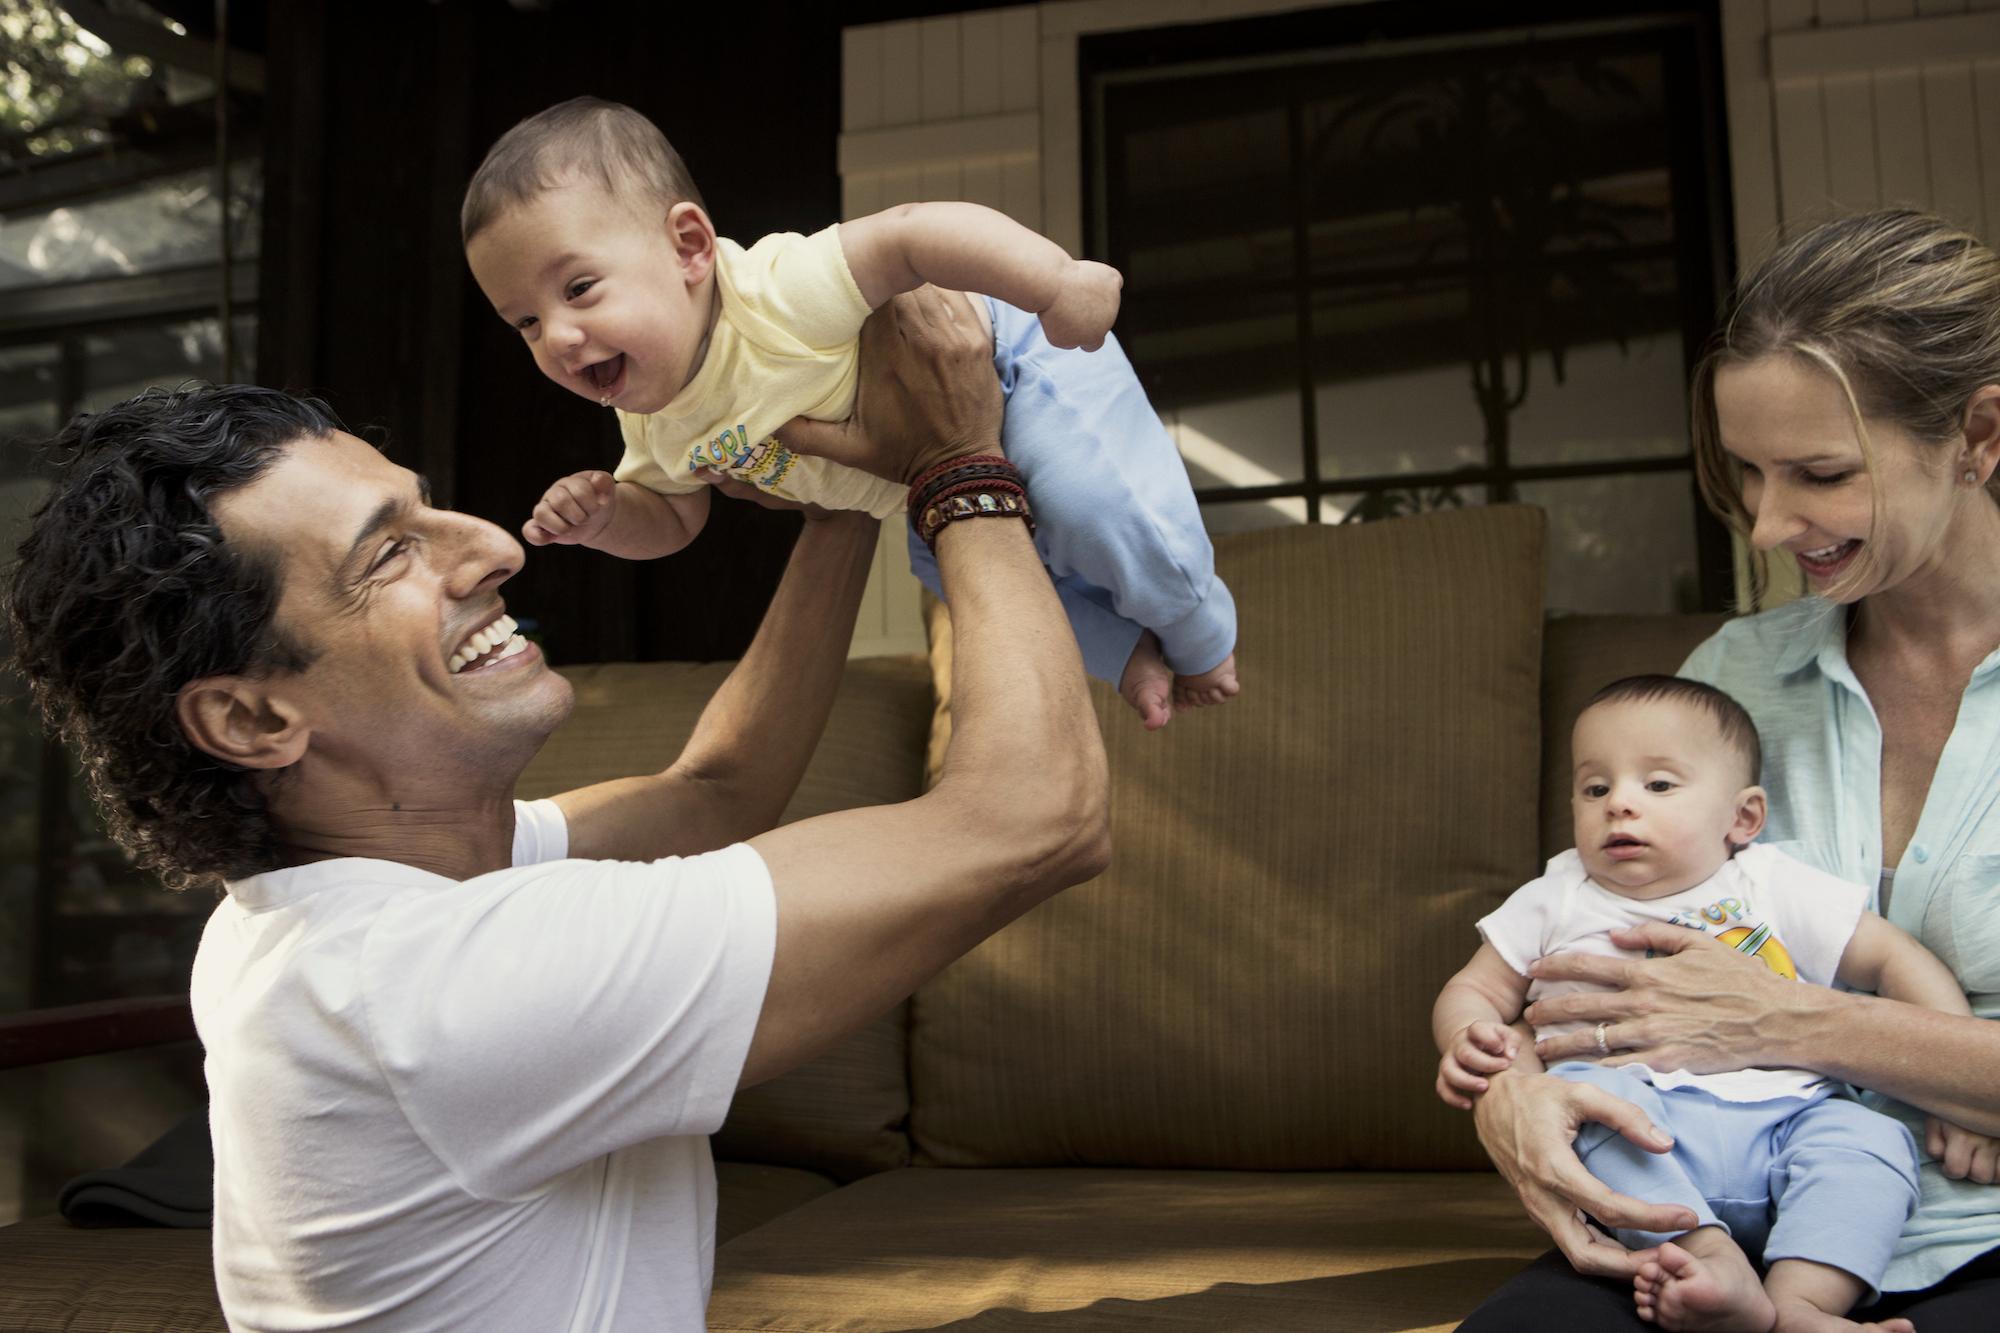 Kiran and MeiMei with twins, taj and zidan, at home in topanga, california